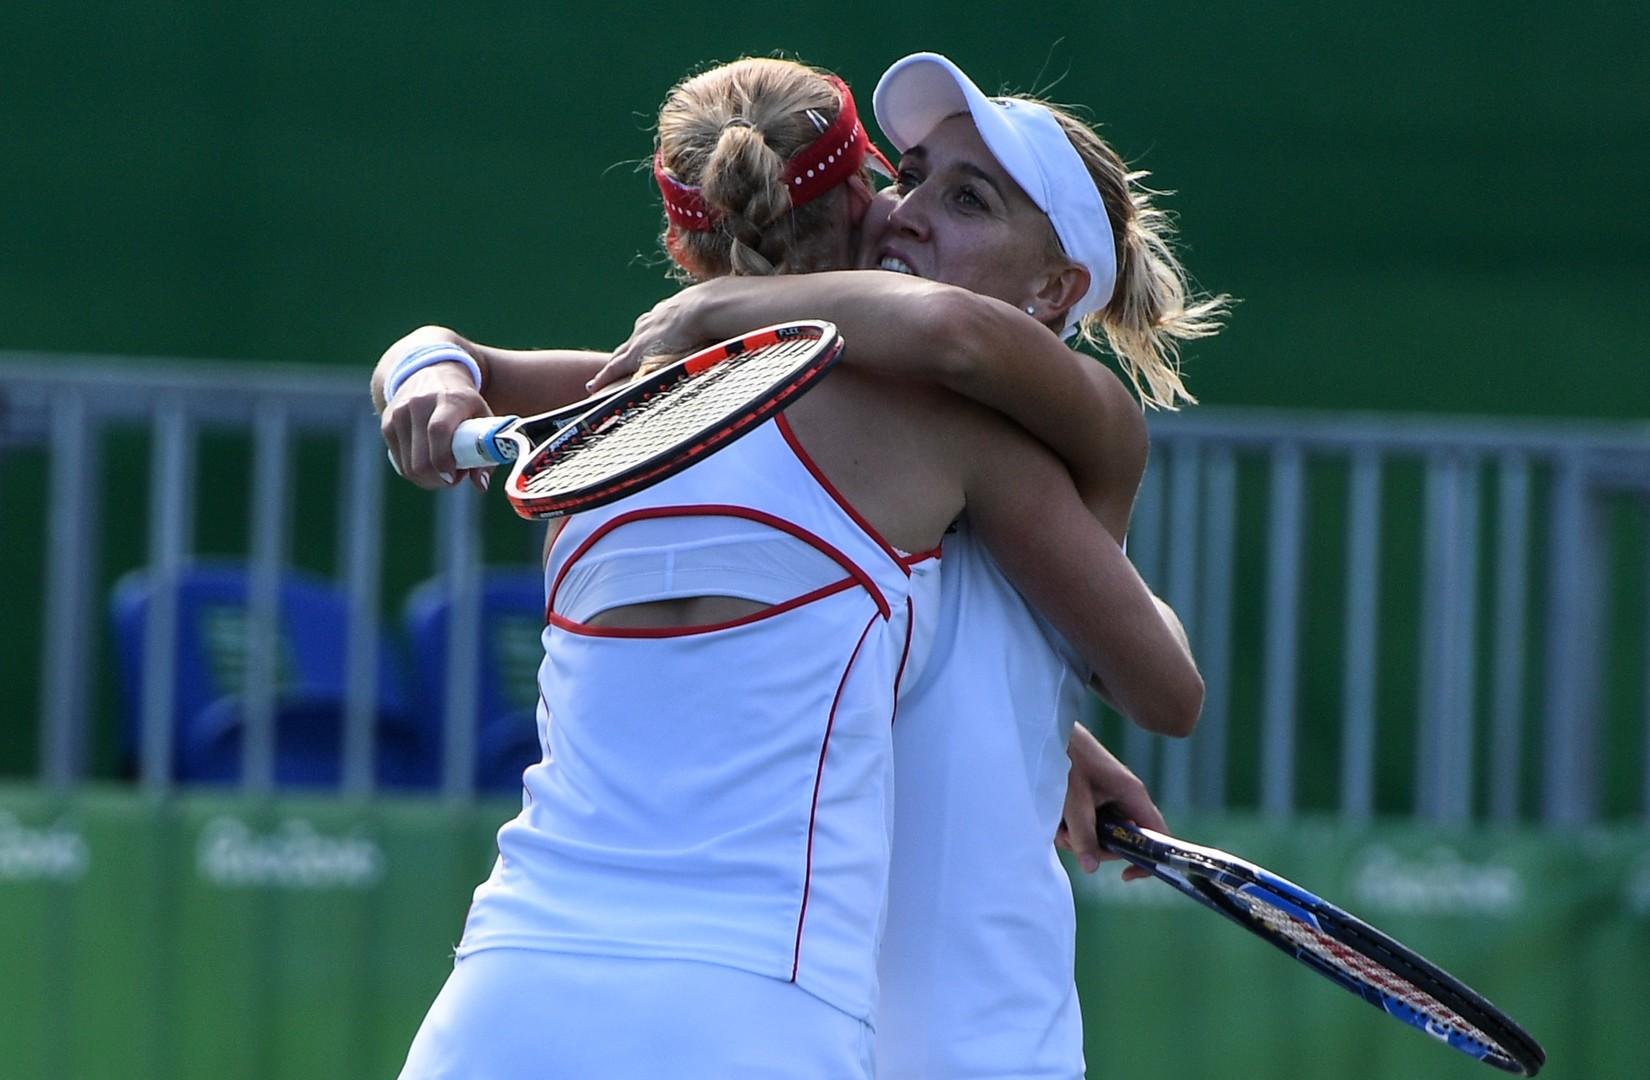 Российские теннисистки завоевали золото на Олимпиаде в Рио